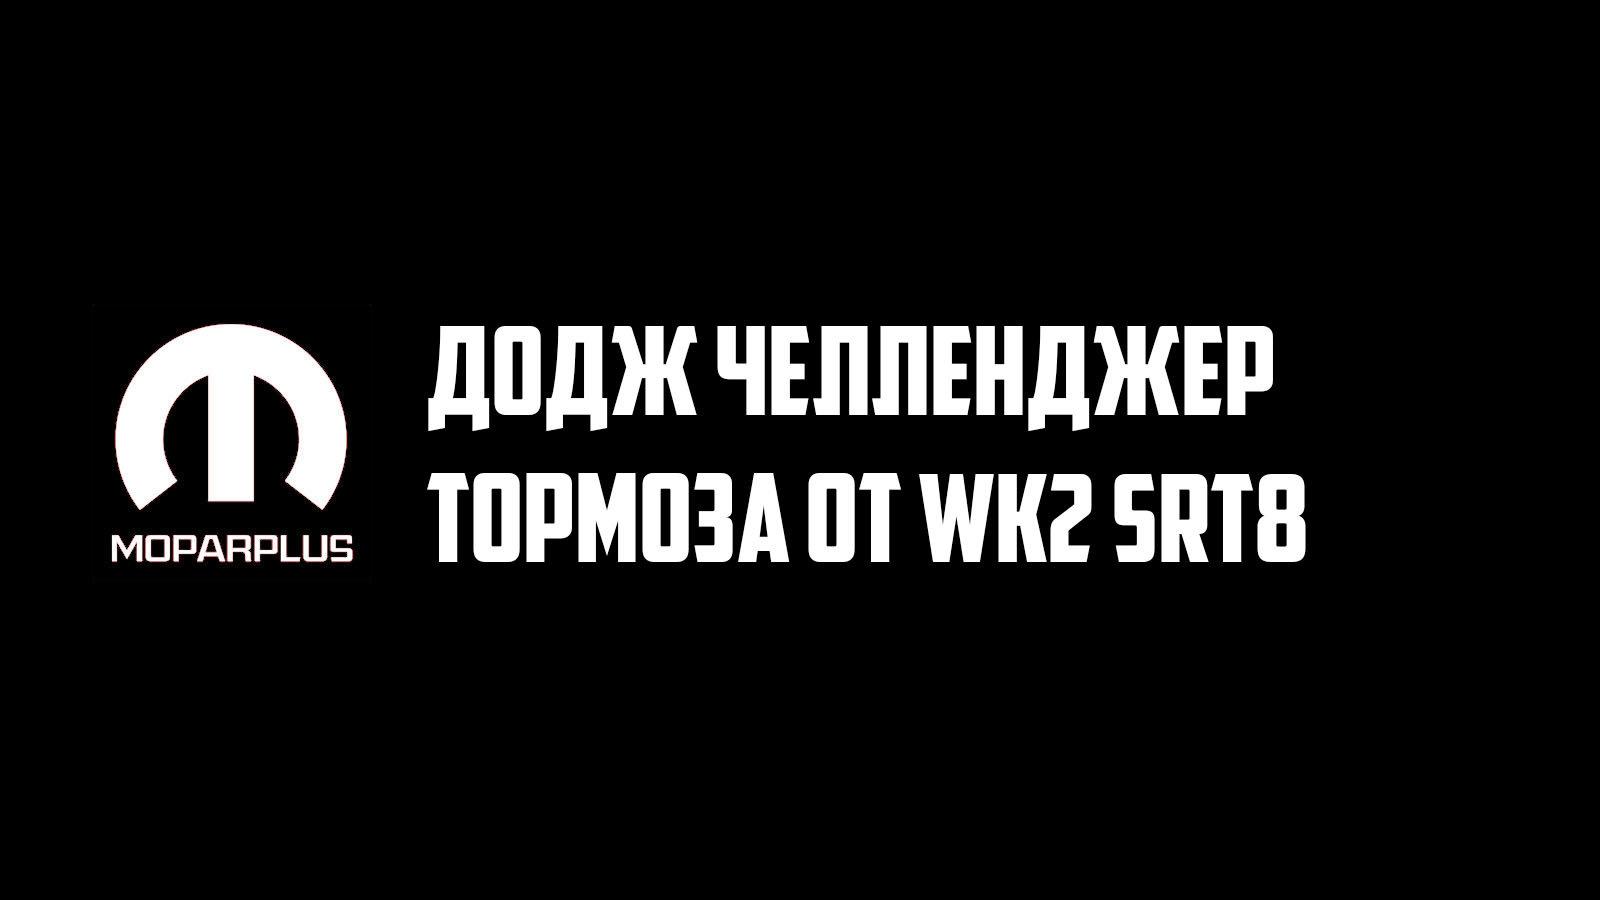 Тормоза WK2 на Челленджере